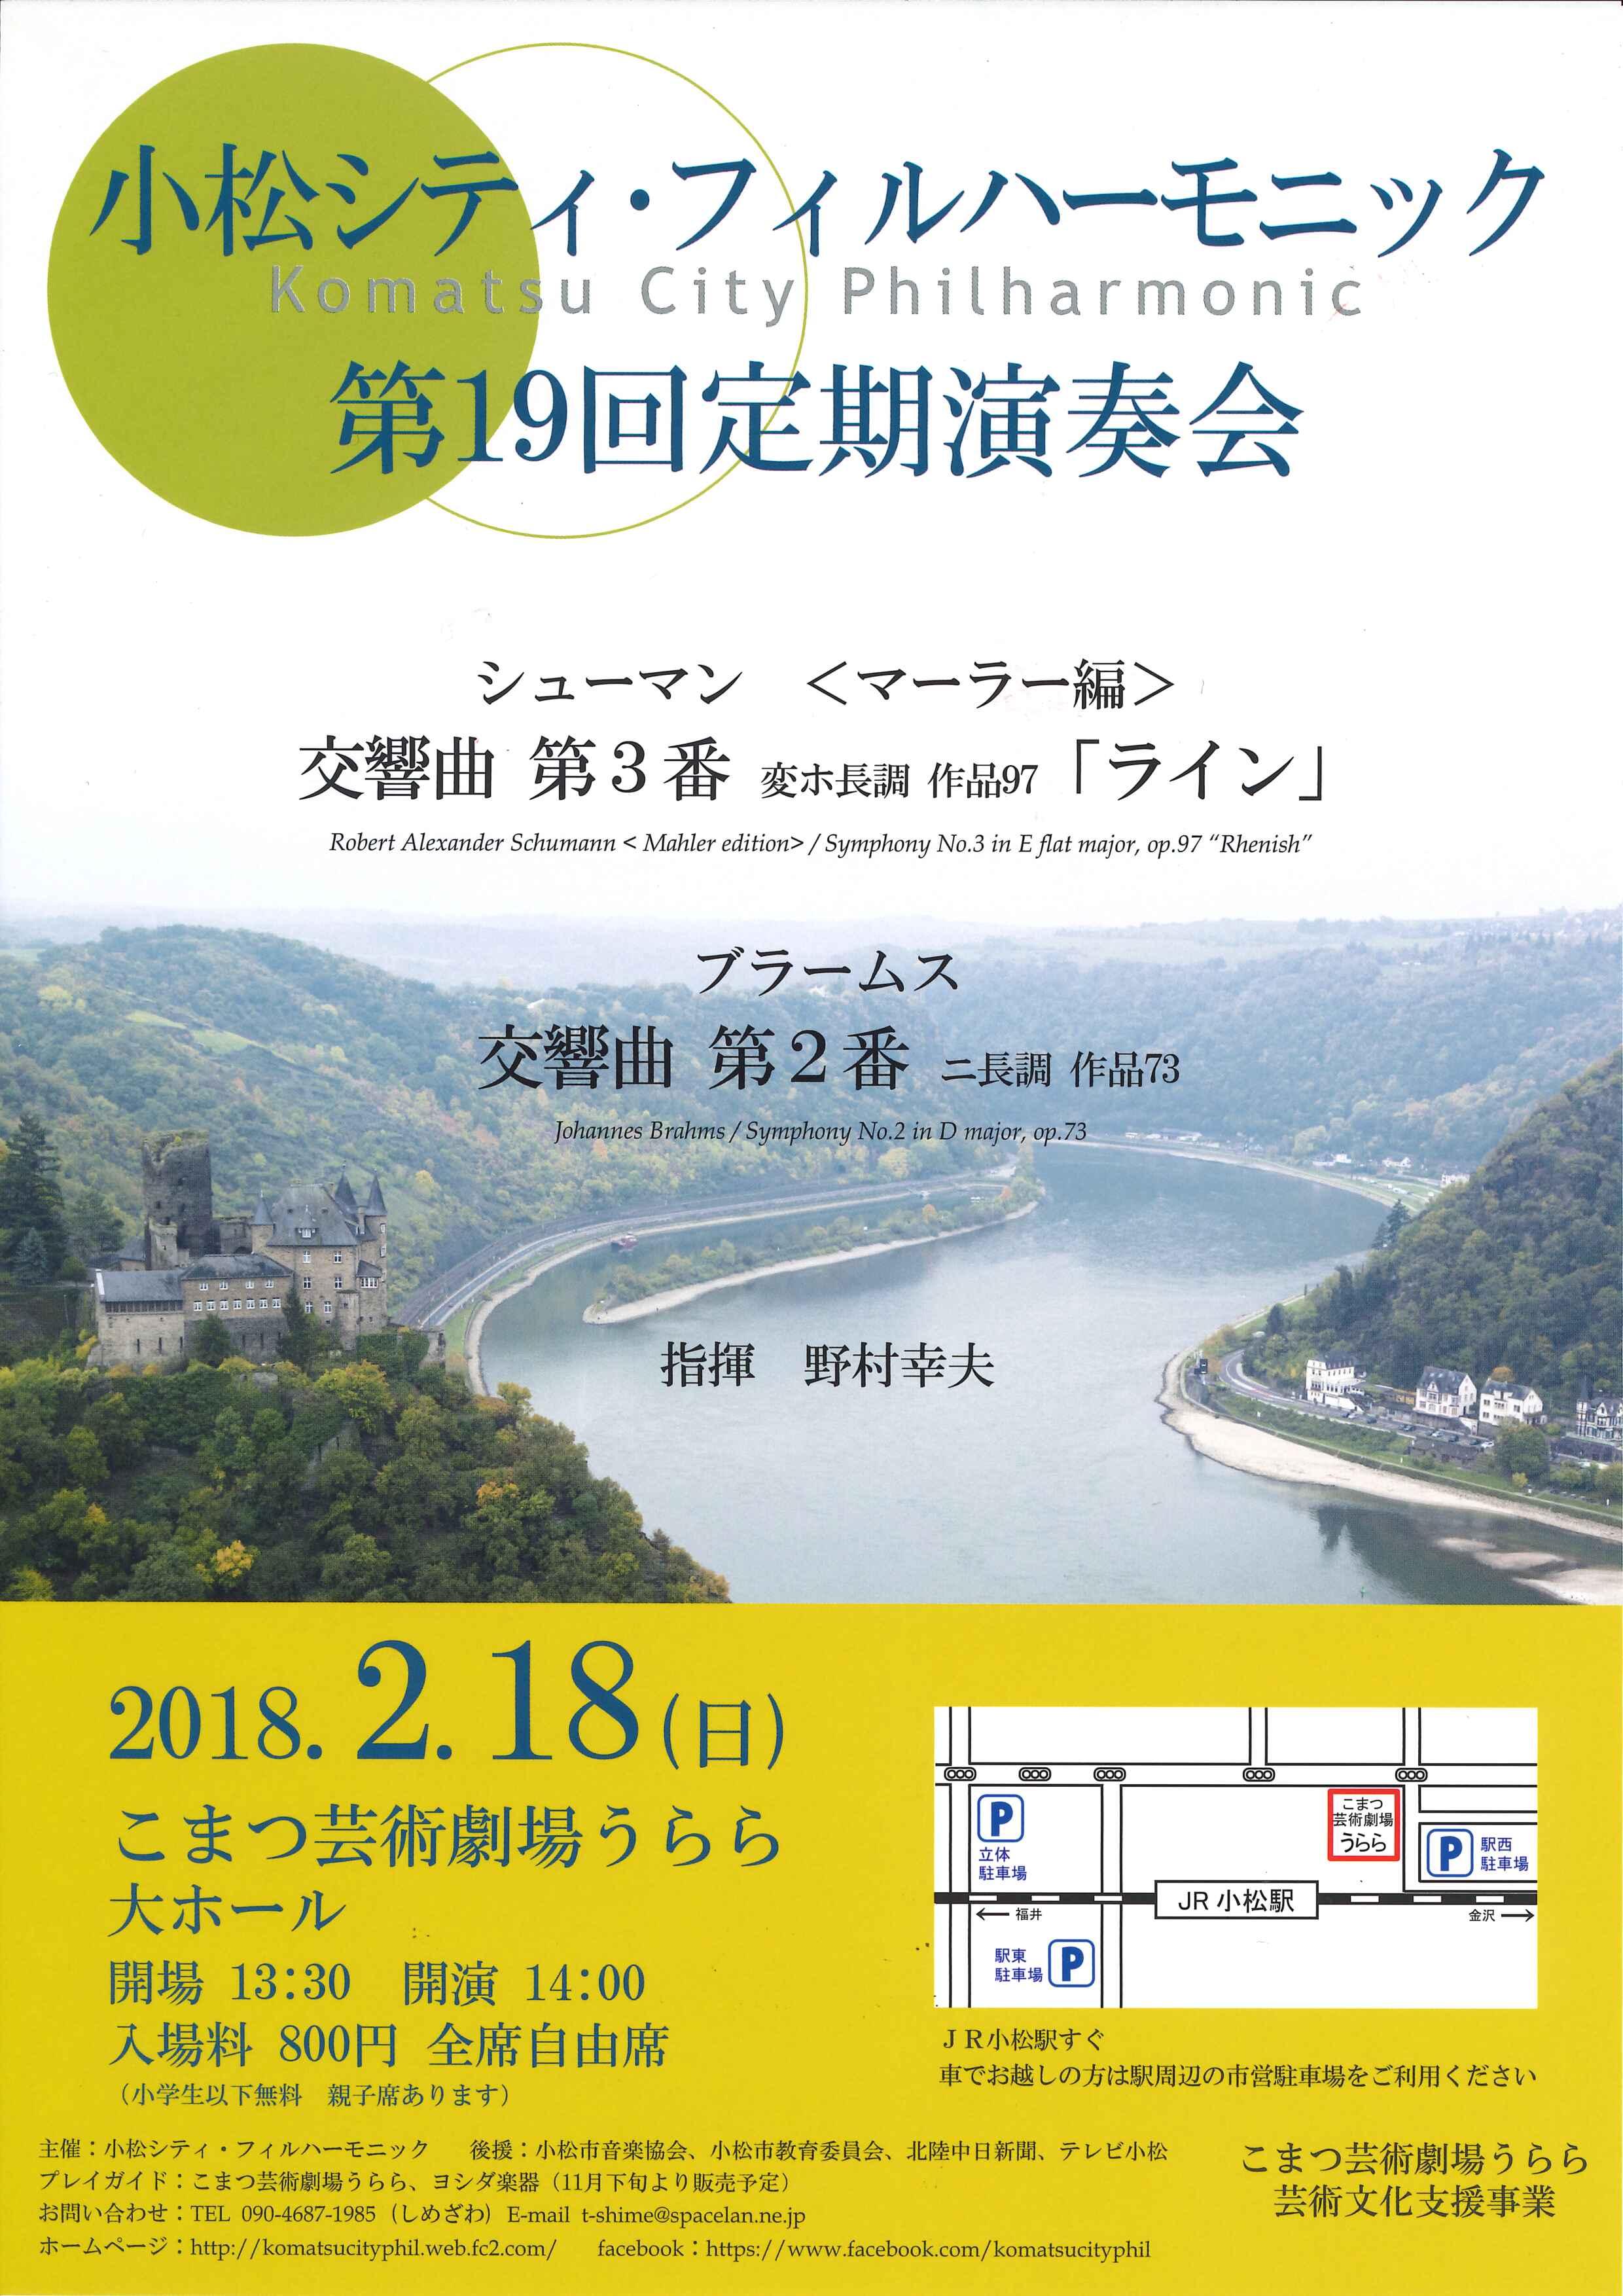 小松シティ・フィルハーモニック 第19回定期演奏会